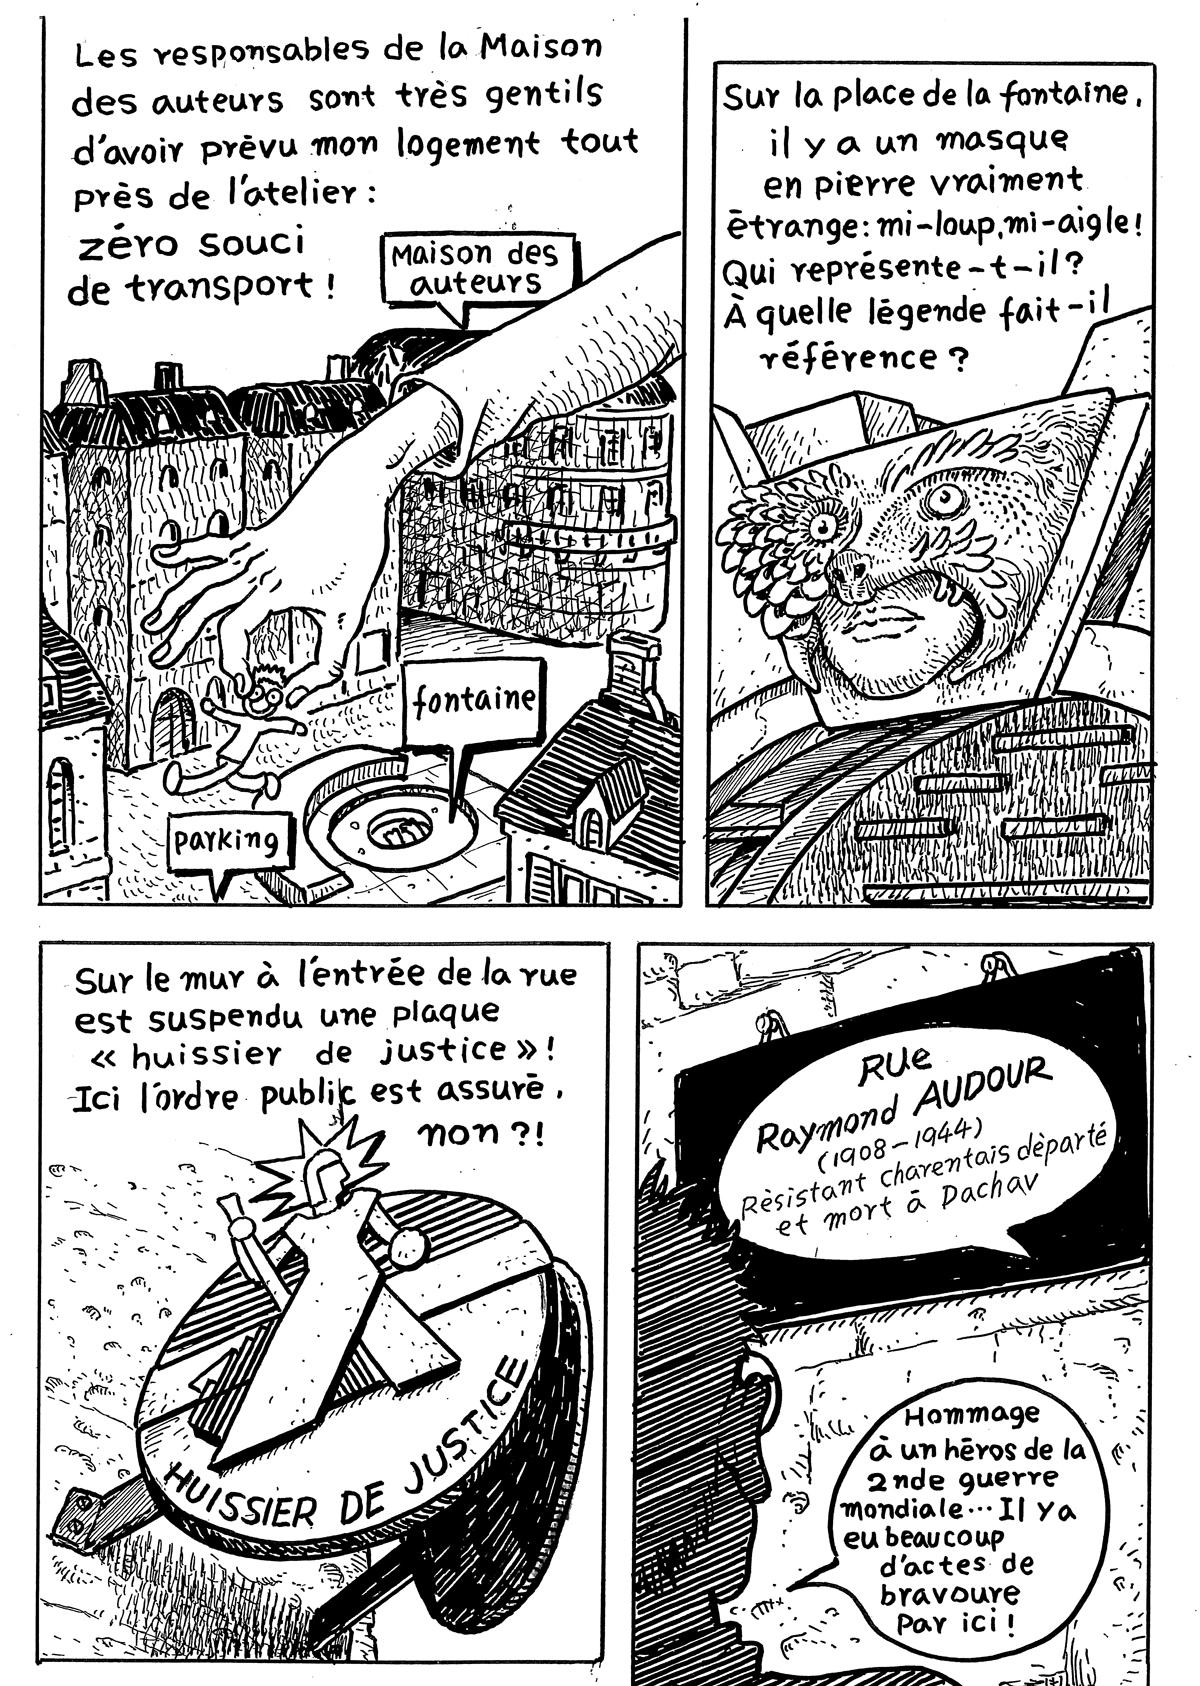 angouleme139